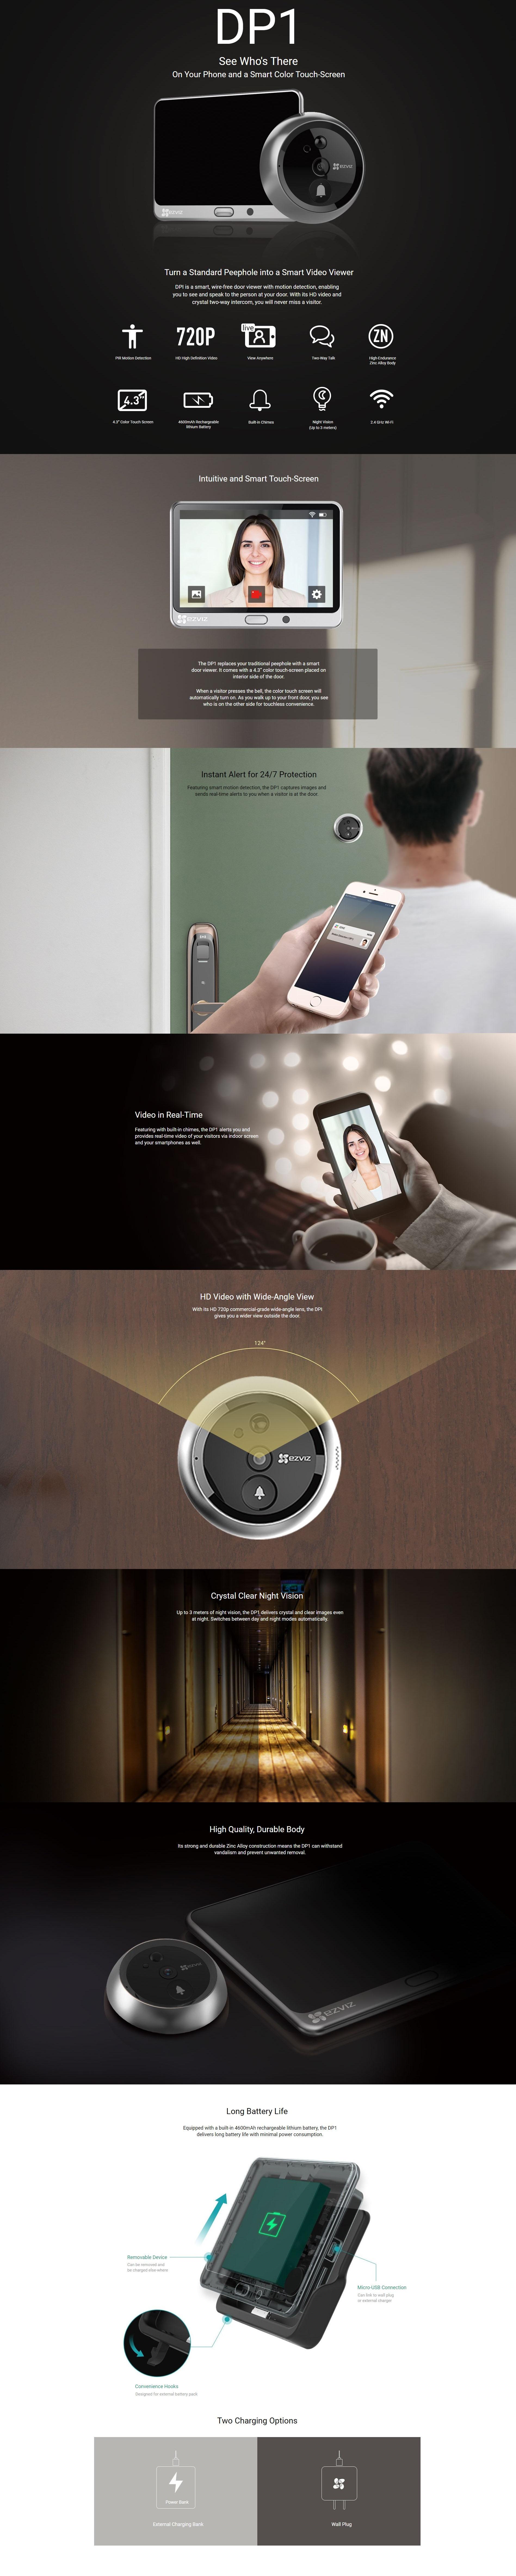 EZVIZ DP1 HD 720P Video Smart Home Door Viewer with Rechargeable Battery